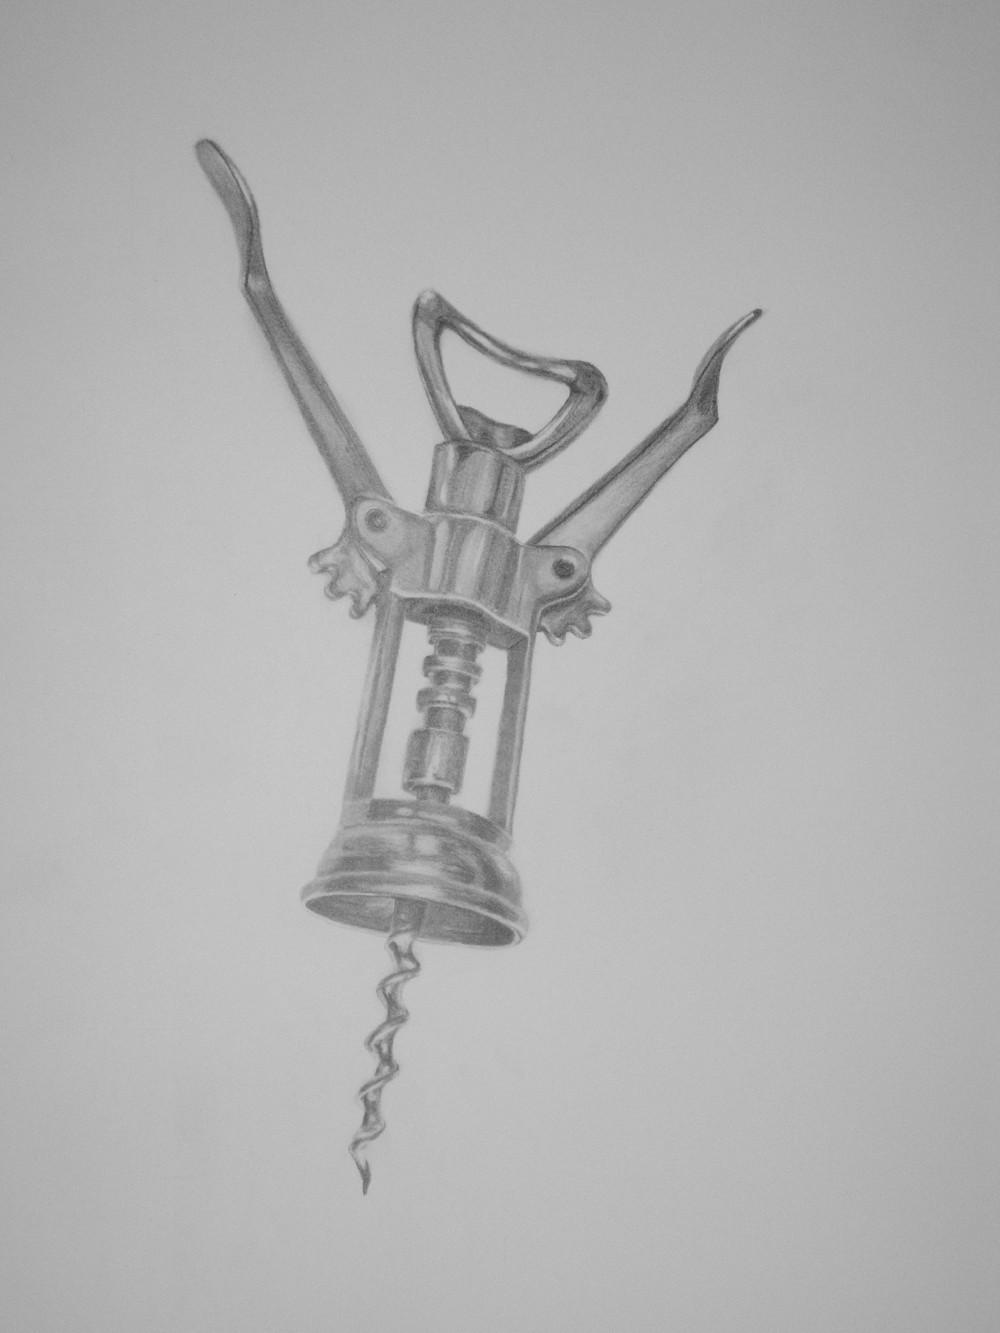 corkscrew2 008.jpg